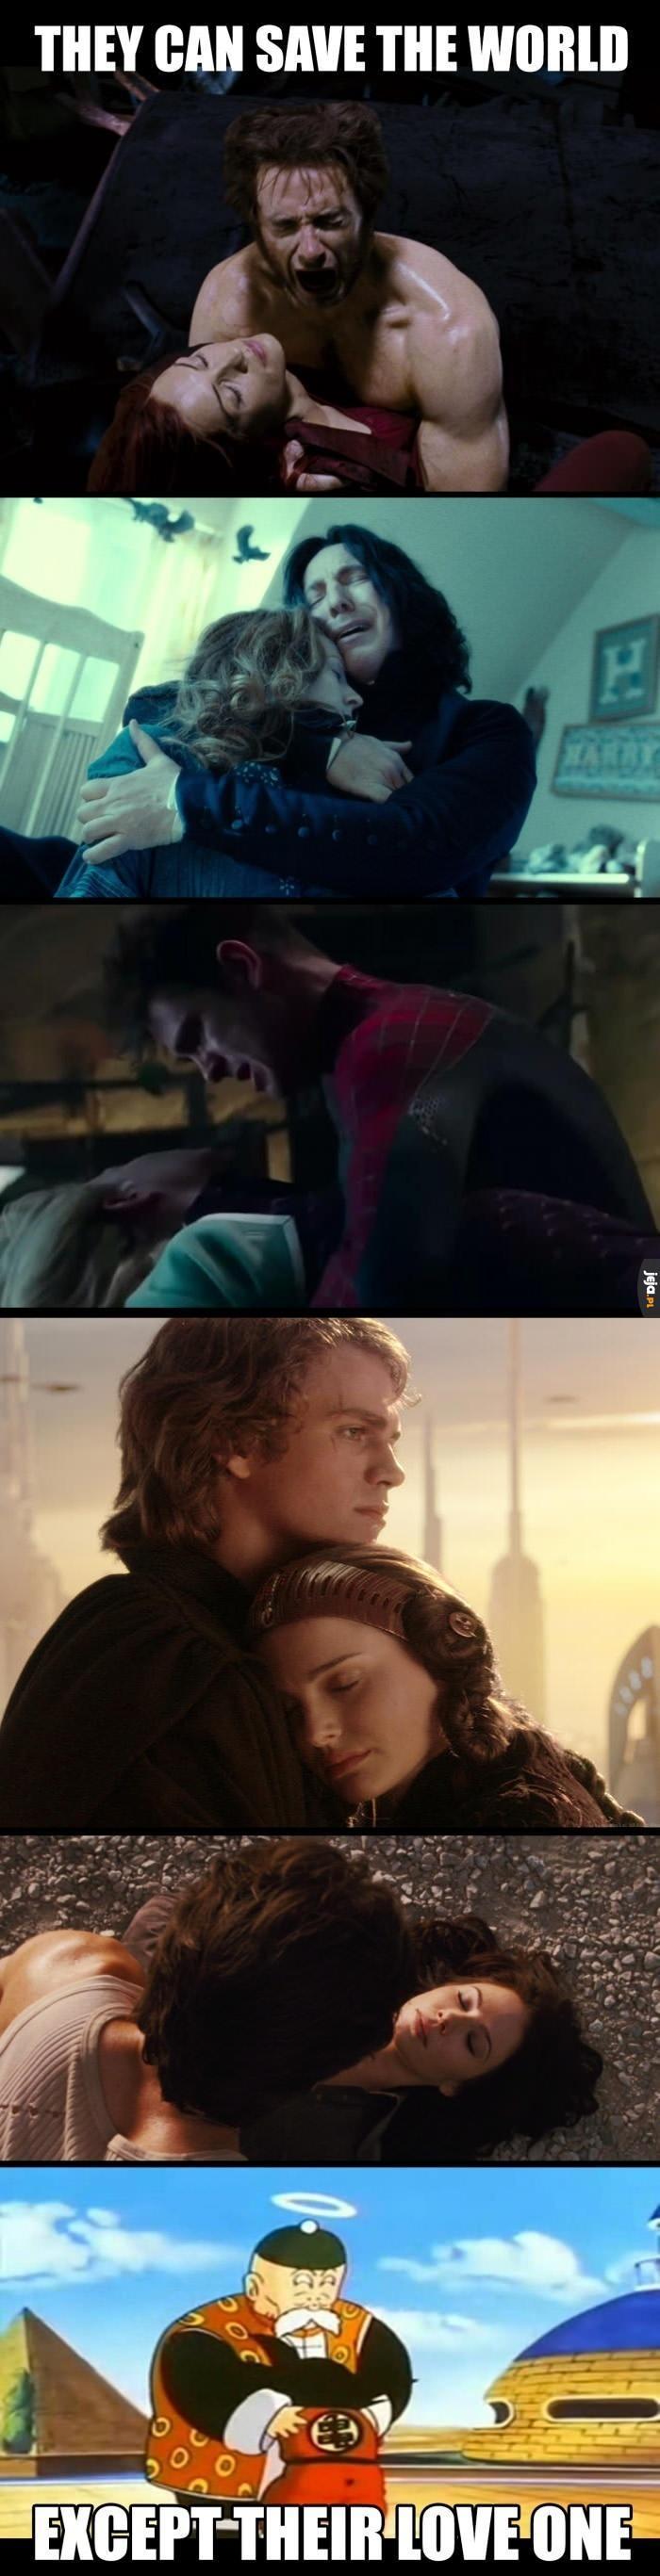 Każdy bohater musi być gotów na wielką ofiarę